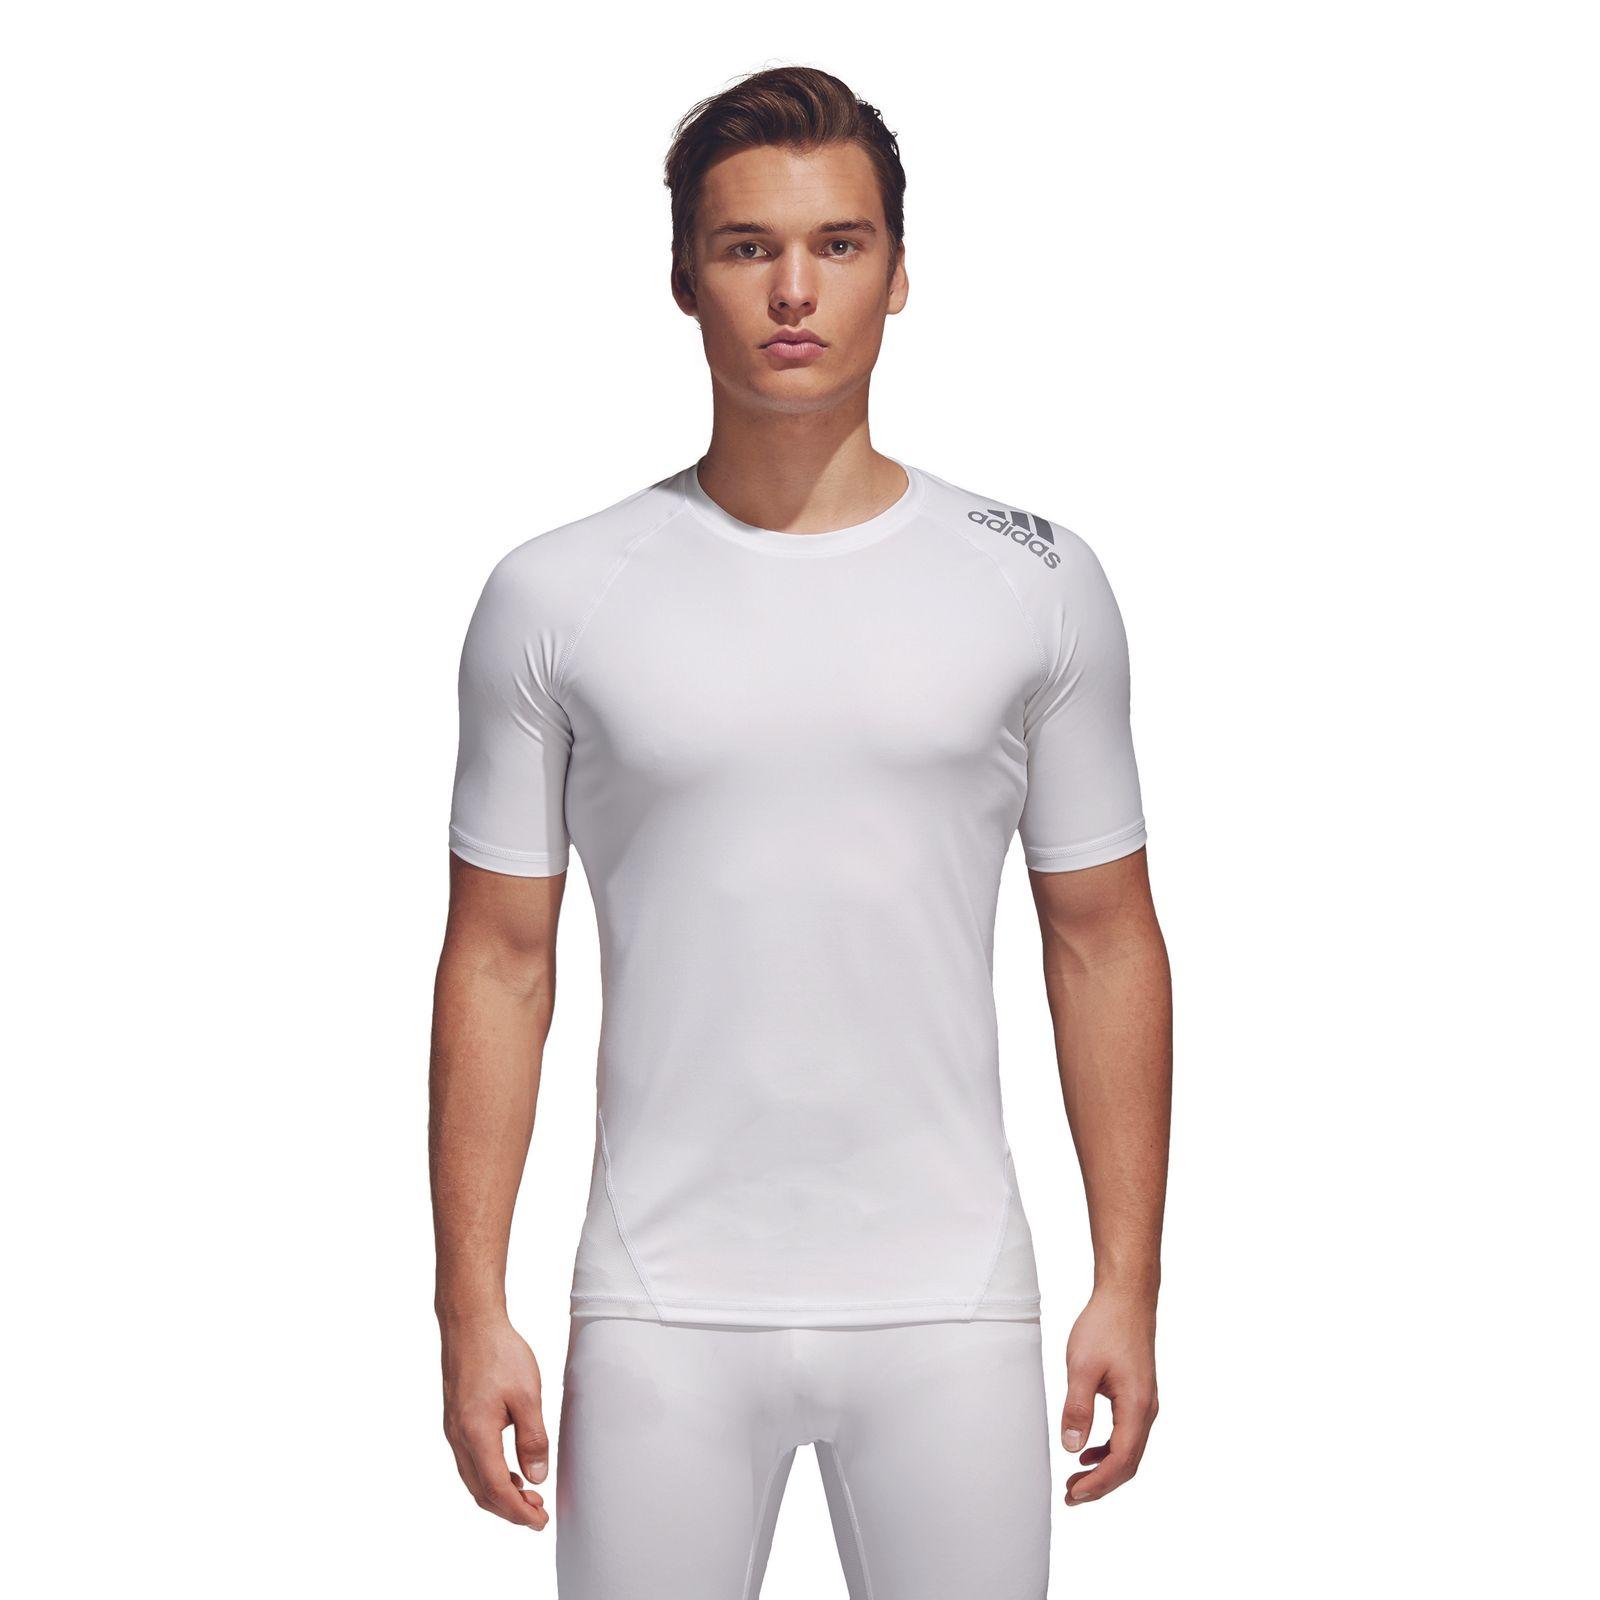 adidas herren fitness sport shirt alphaskin compression t. Black Bedroom Furniture Sets. Home Design Ideas